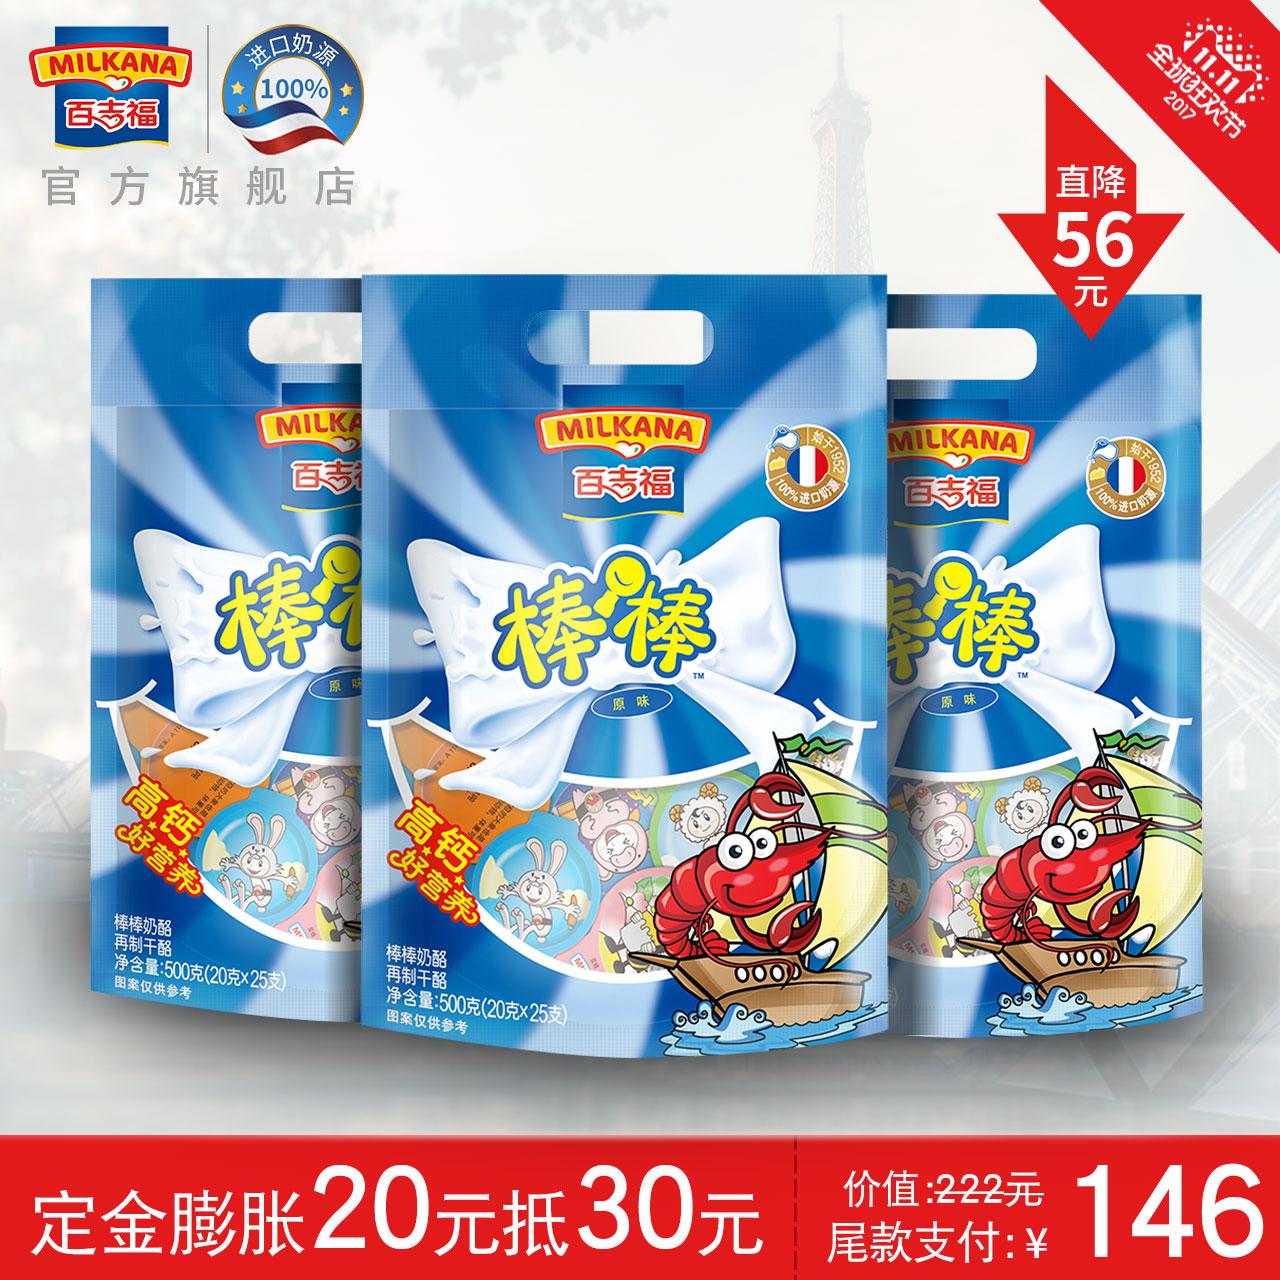 百吉福棒棒奶酪儿童健康零食高钙安全奶源 即食原味套餐500gX3袋